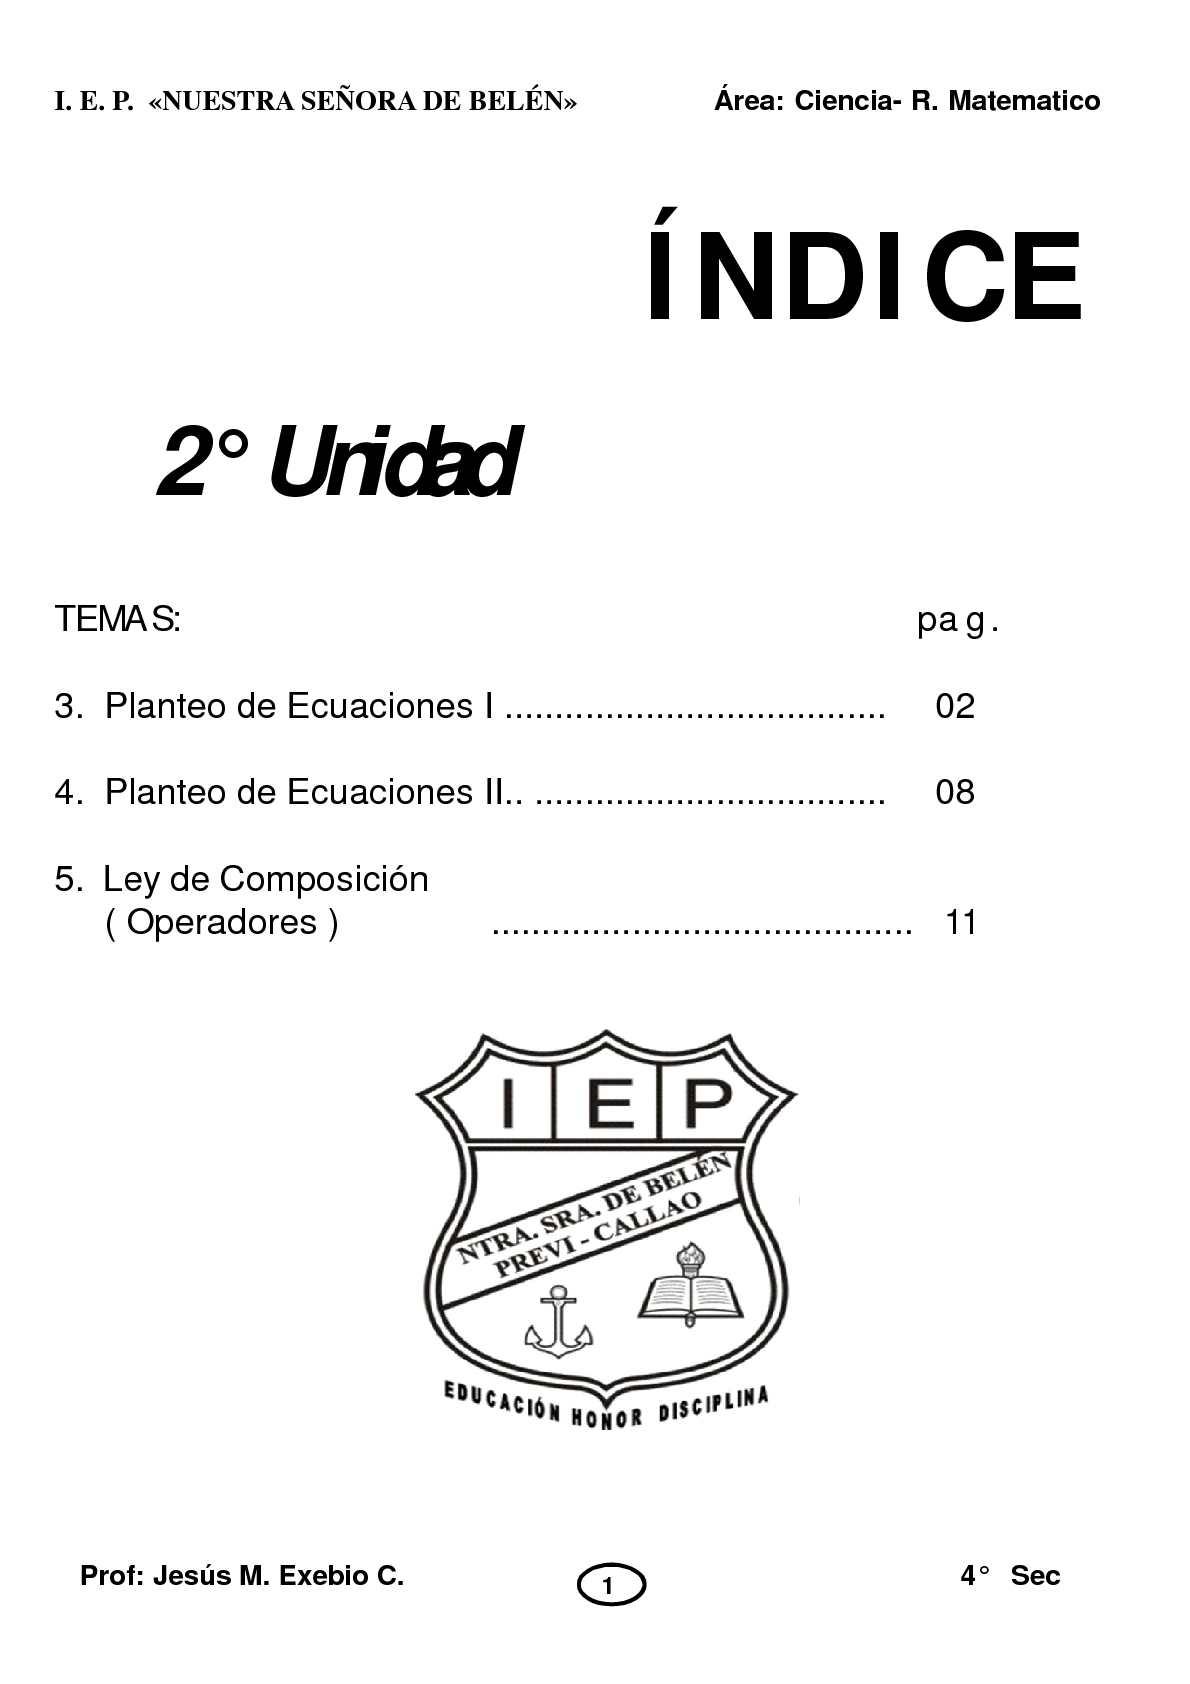 R. MATEMATICO 4 SEC 2 UNIDAD